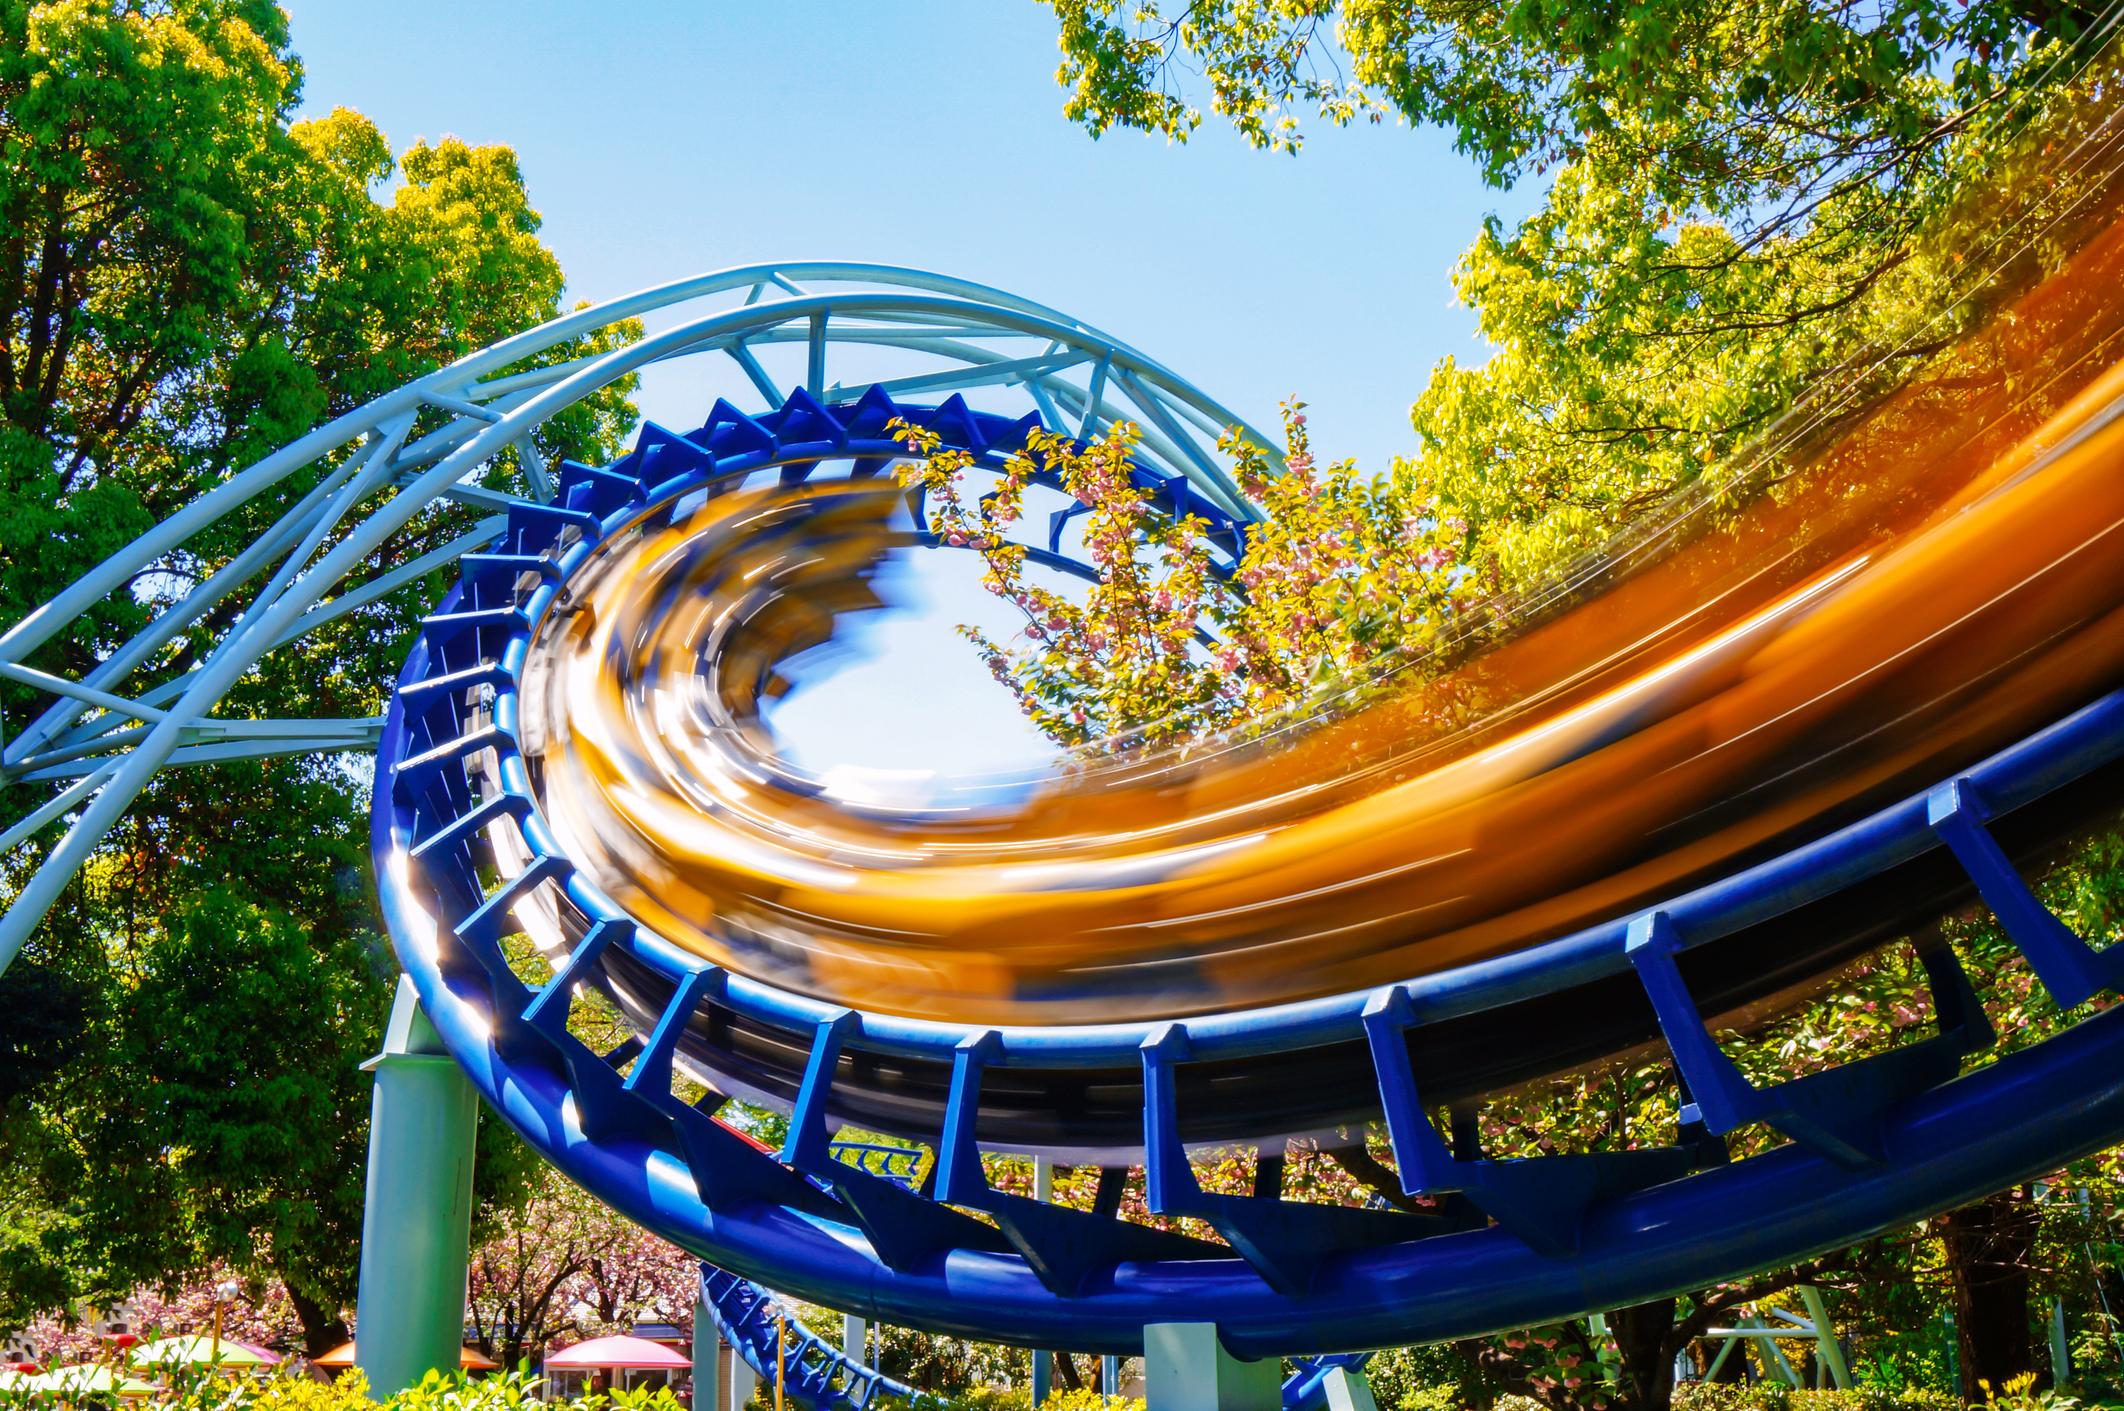 A roller coaster speeds through a corkscrew loop